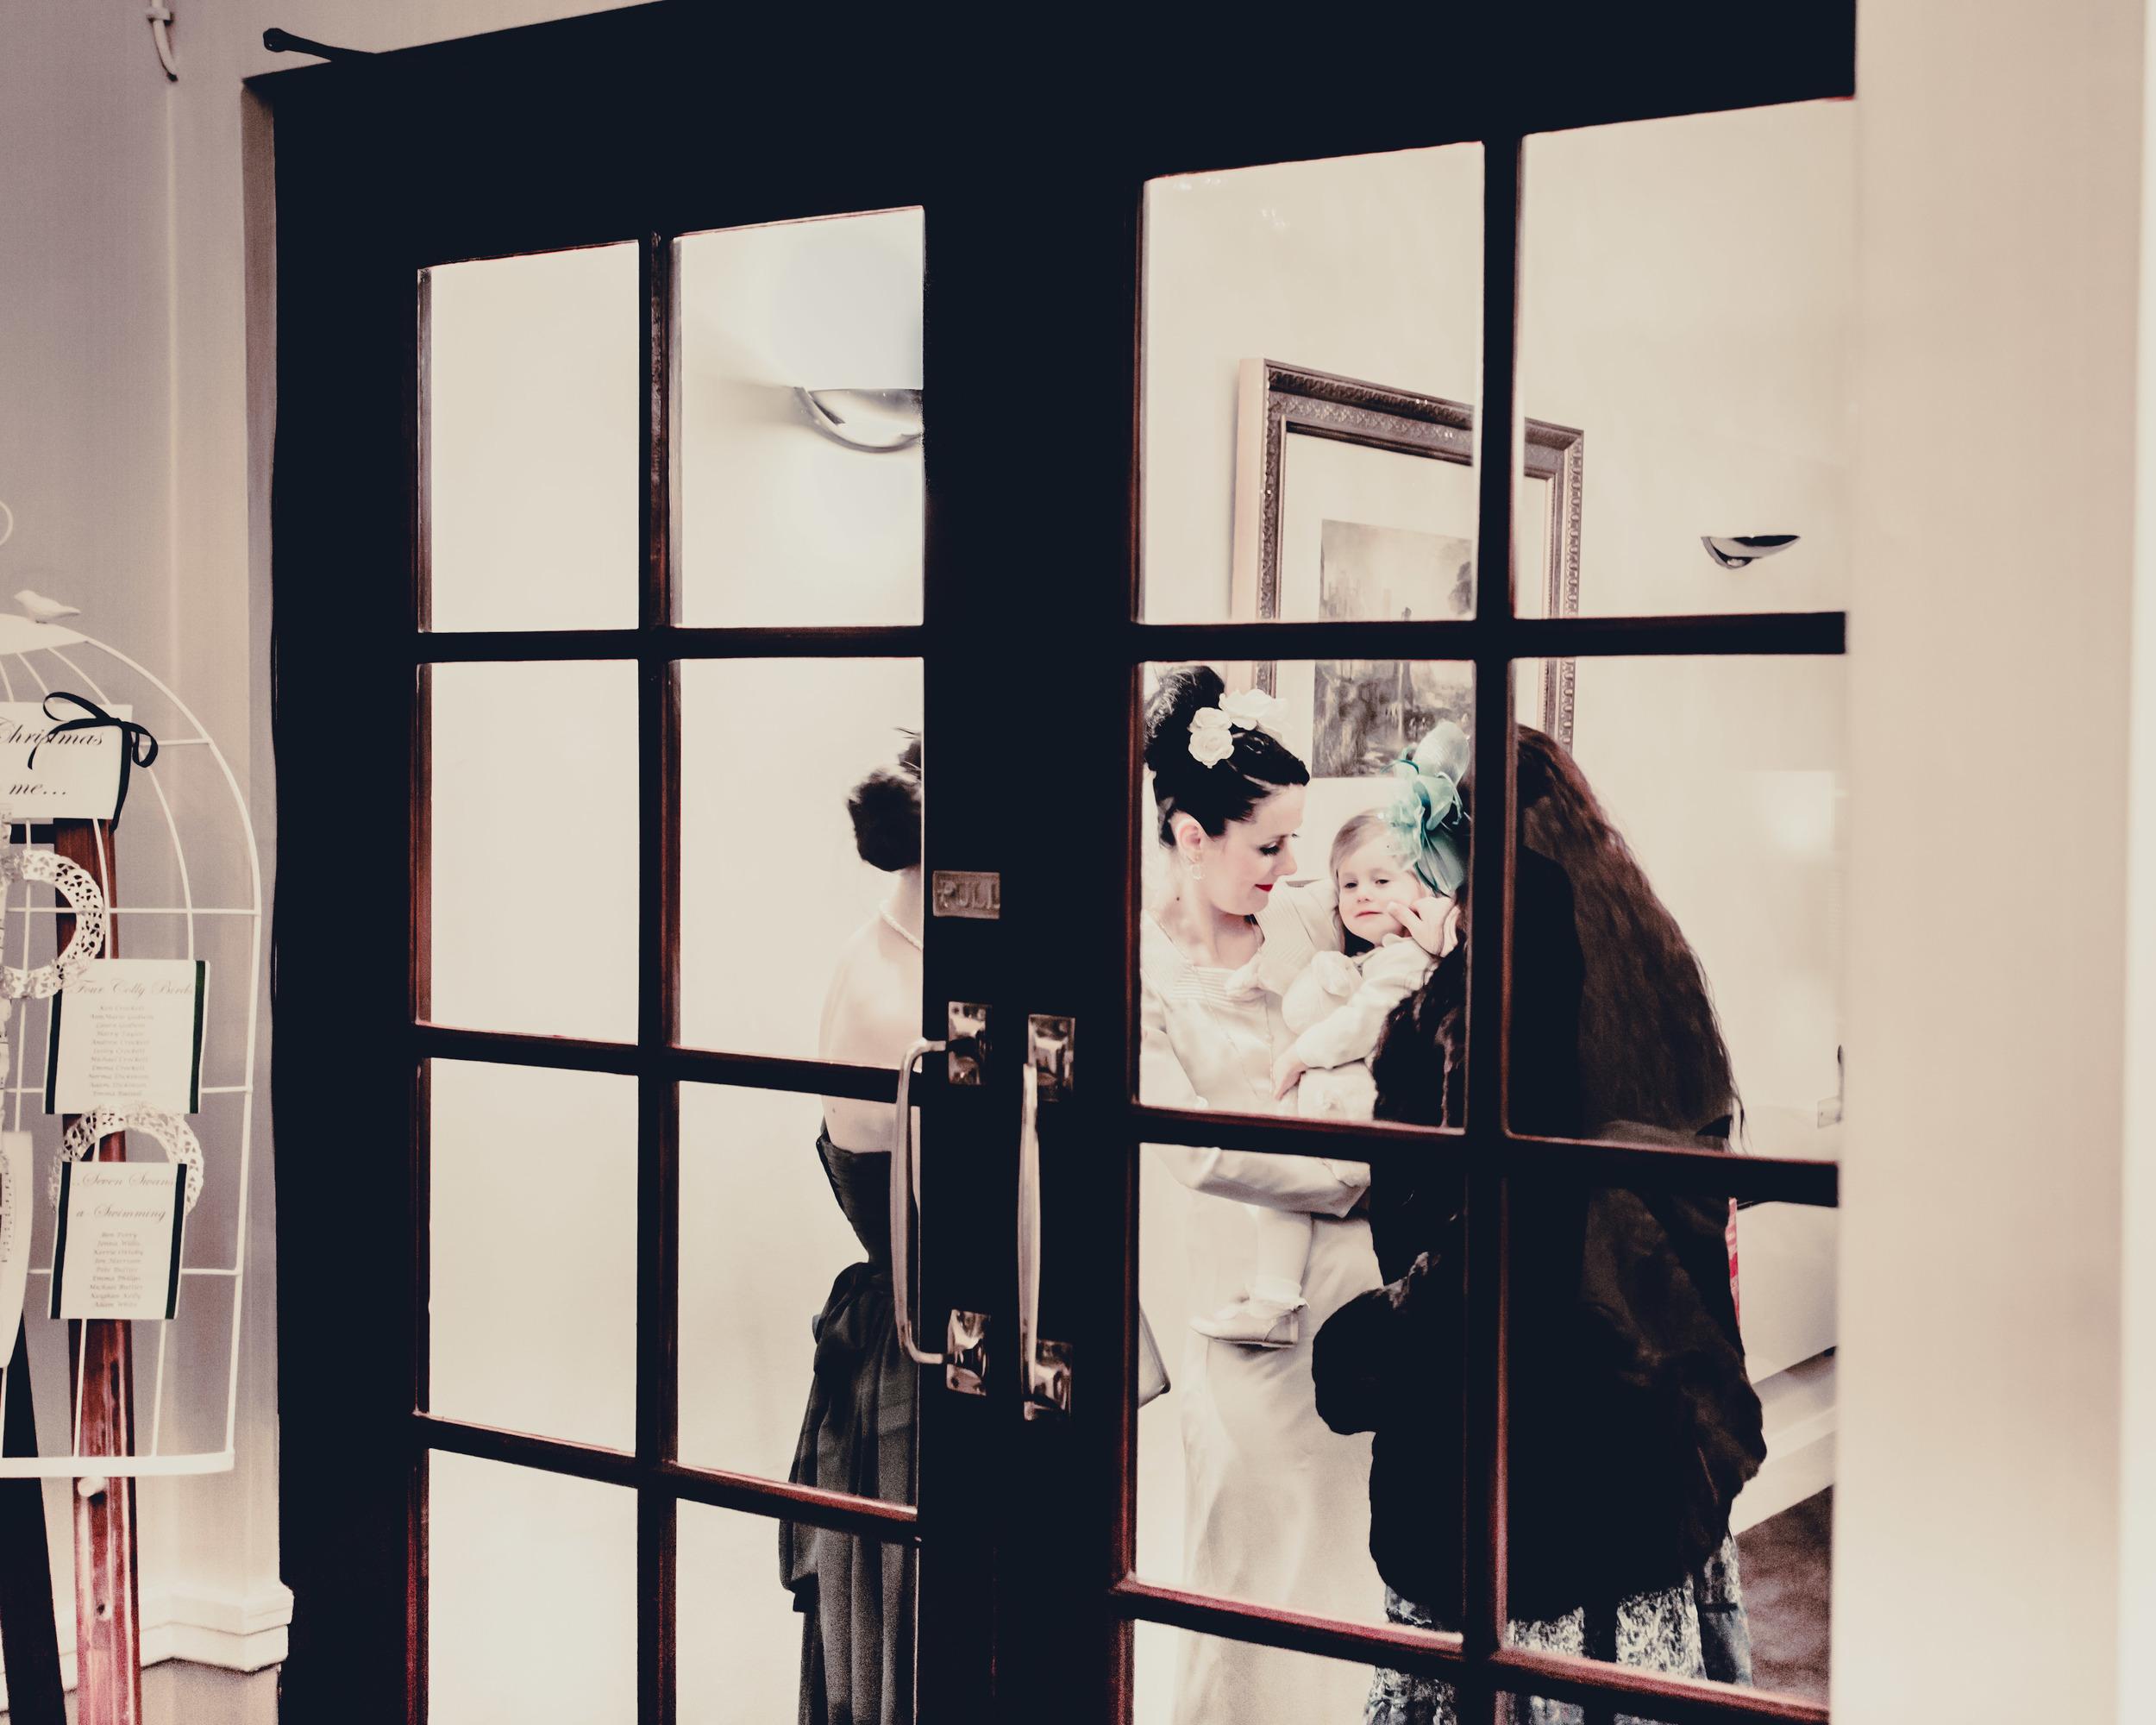 151 - Angela and Karls Wedding by www.markpugh.com -7026.jpg